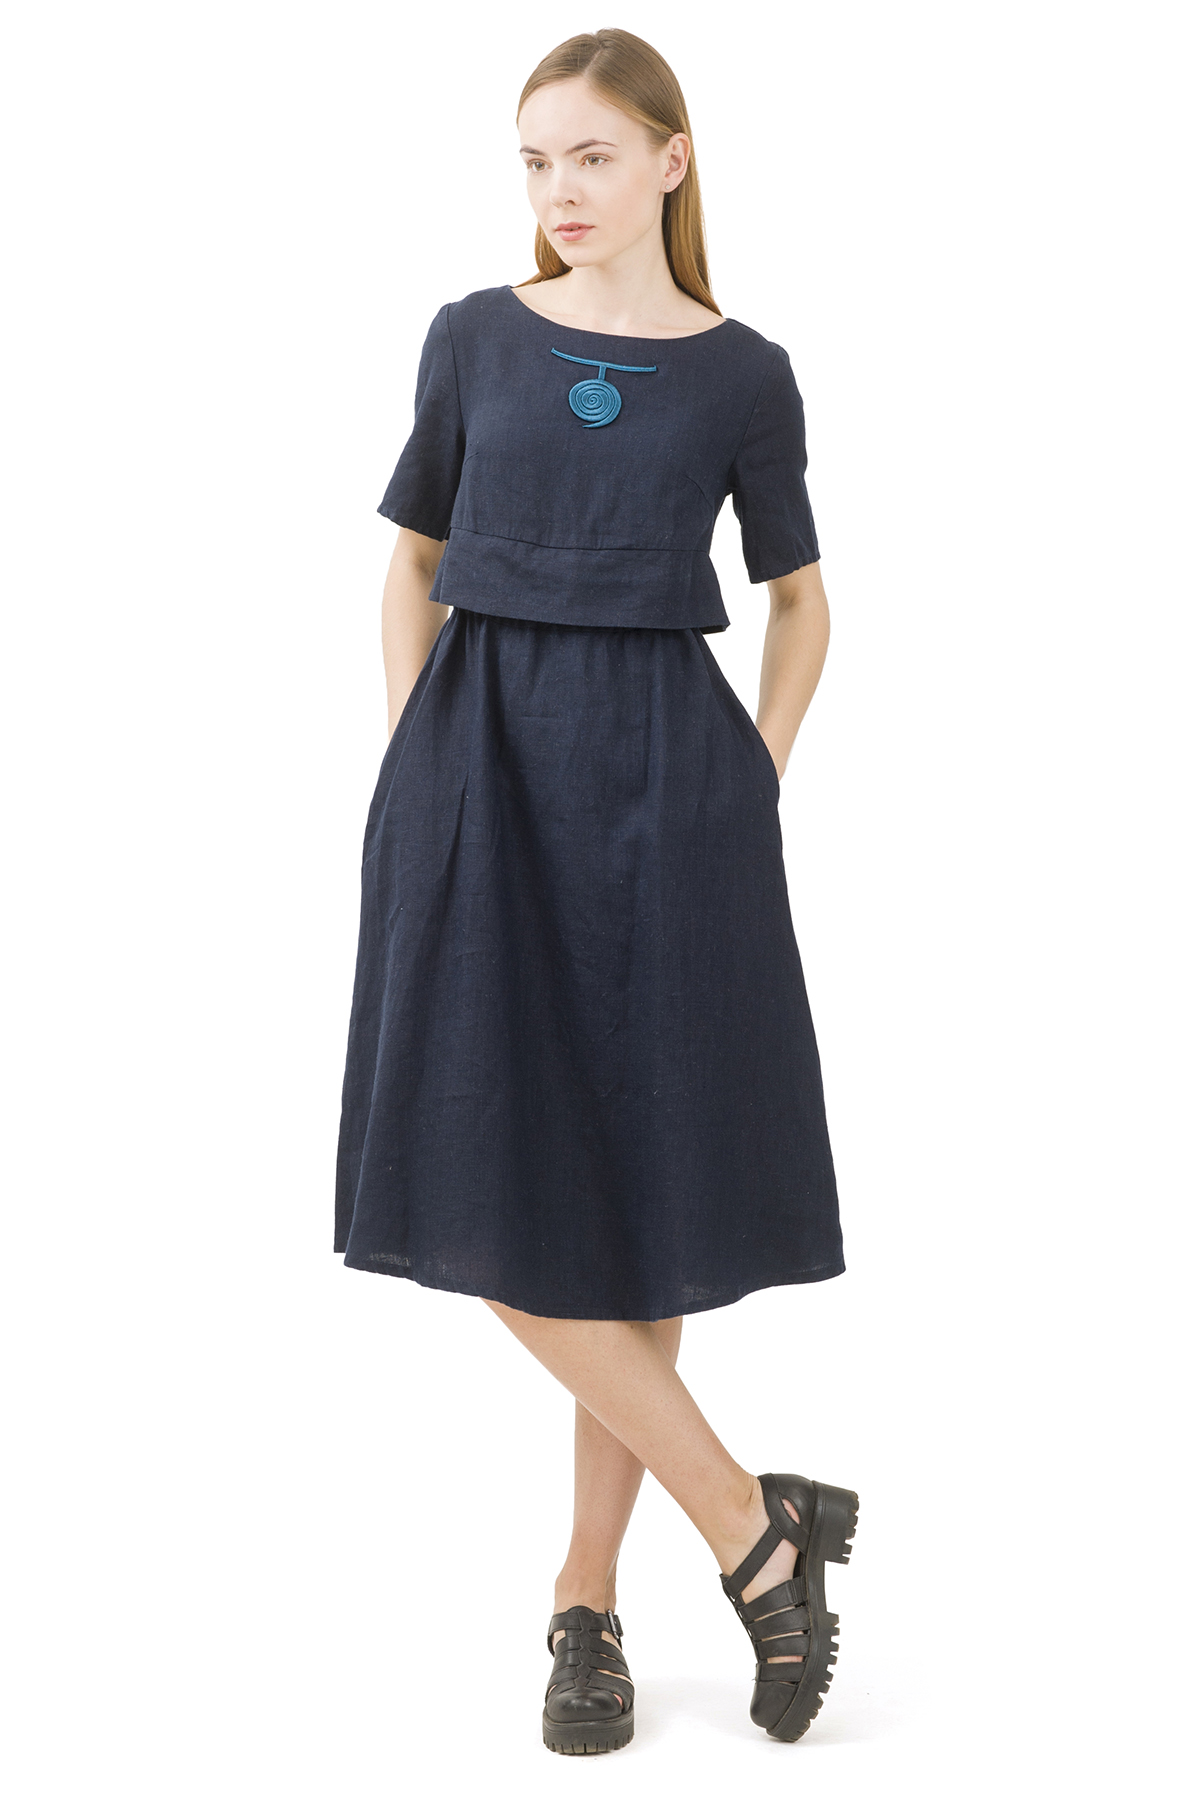 ПлатьеПлатья,  сарафаны<br>Стильное платье выполнено из натуральной ткани - льна. Данная модель удачно подчеркнет красоту Вашей фигуры, а яркая расцветка  не оставит Вас незамеченной.<br><br>Цвет: темно-синий<br>Состав: 100% лен<br>Размер: 40,42,44,46,48,50,52<br>Страна дизайна: Россия<br>Страна производства: Россия